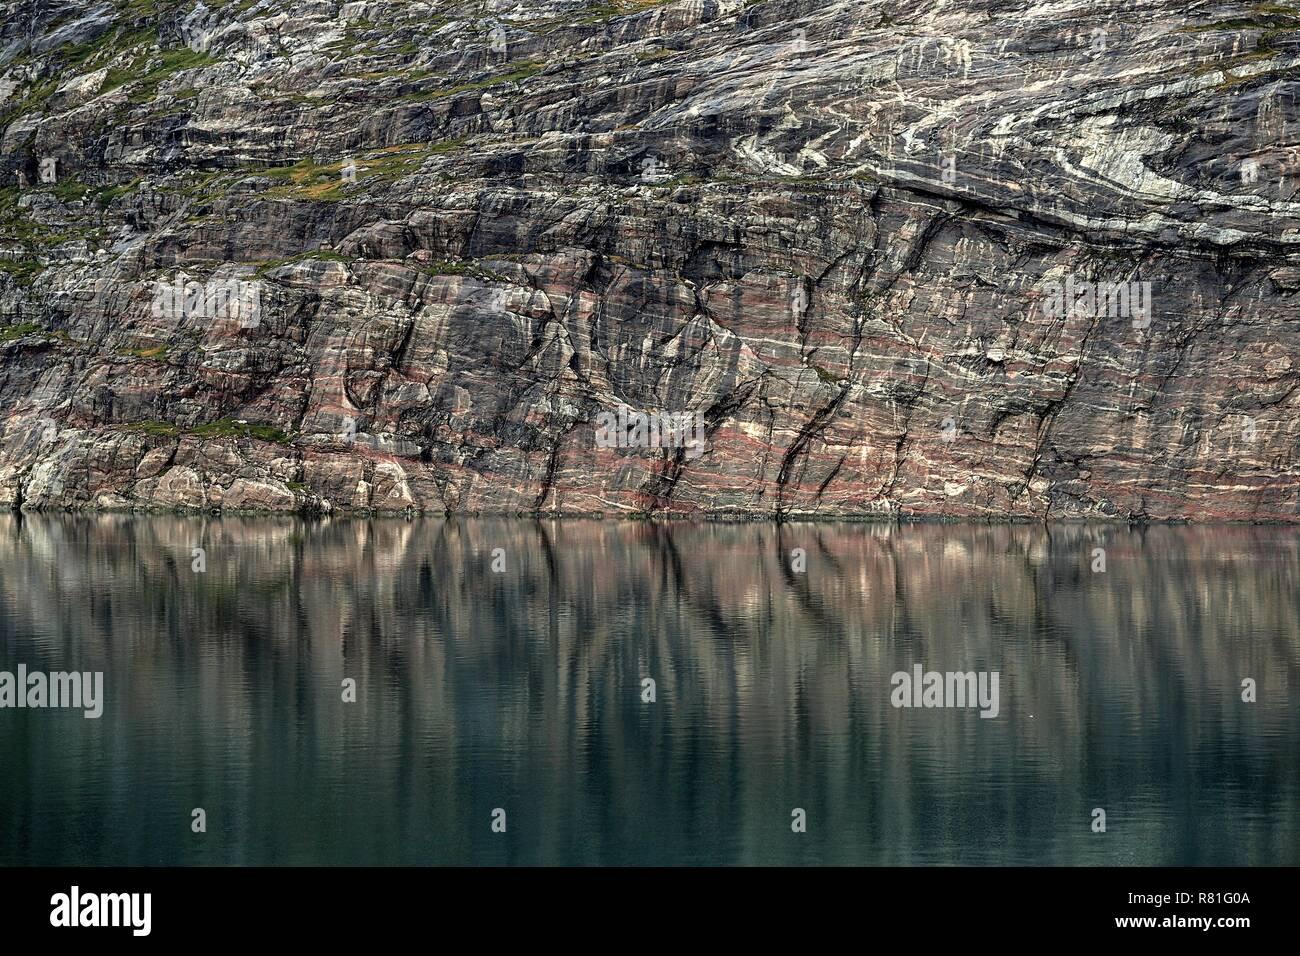 Grönland Christian Sund: Felswände wie gemalt. - Stock Image